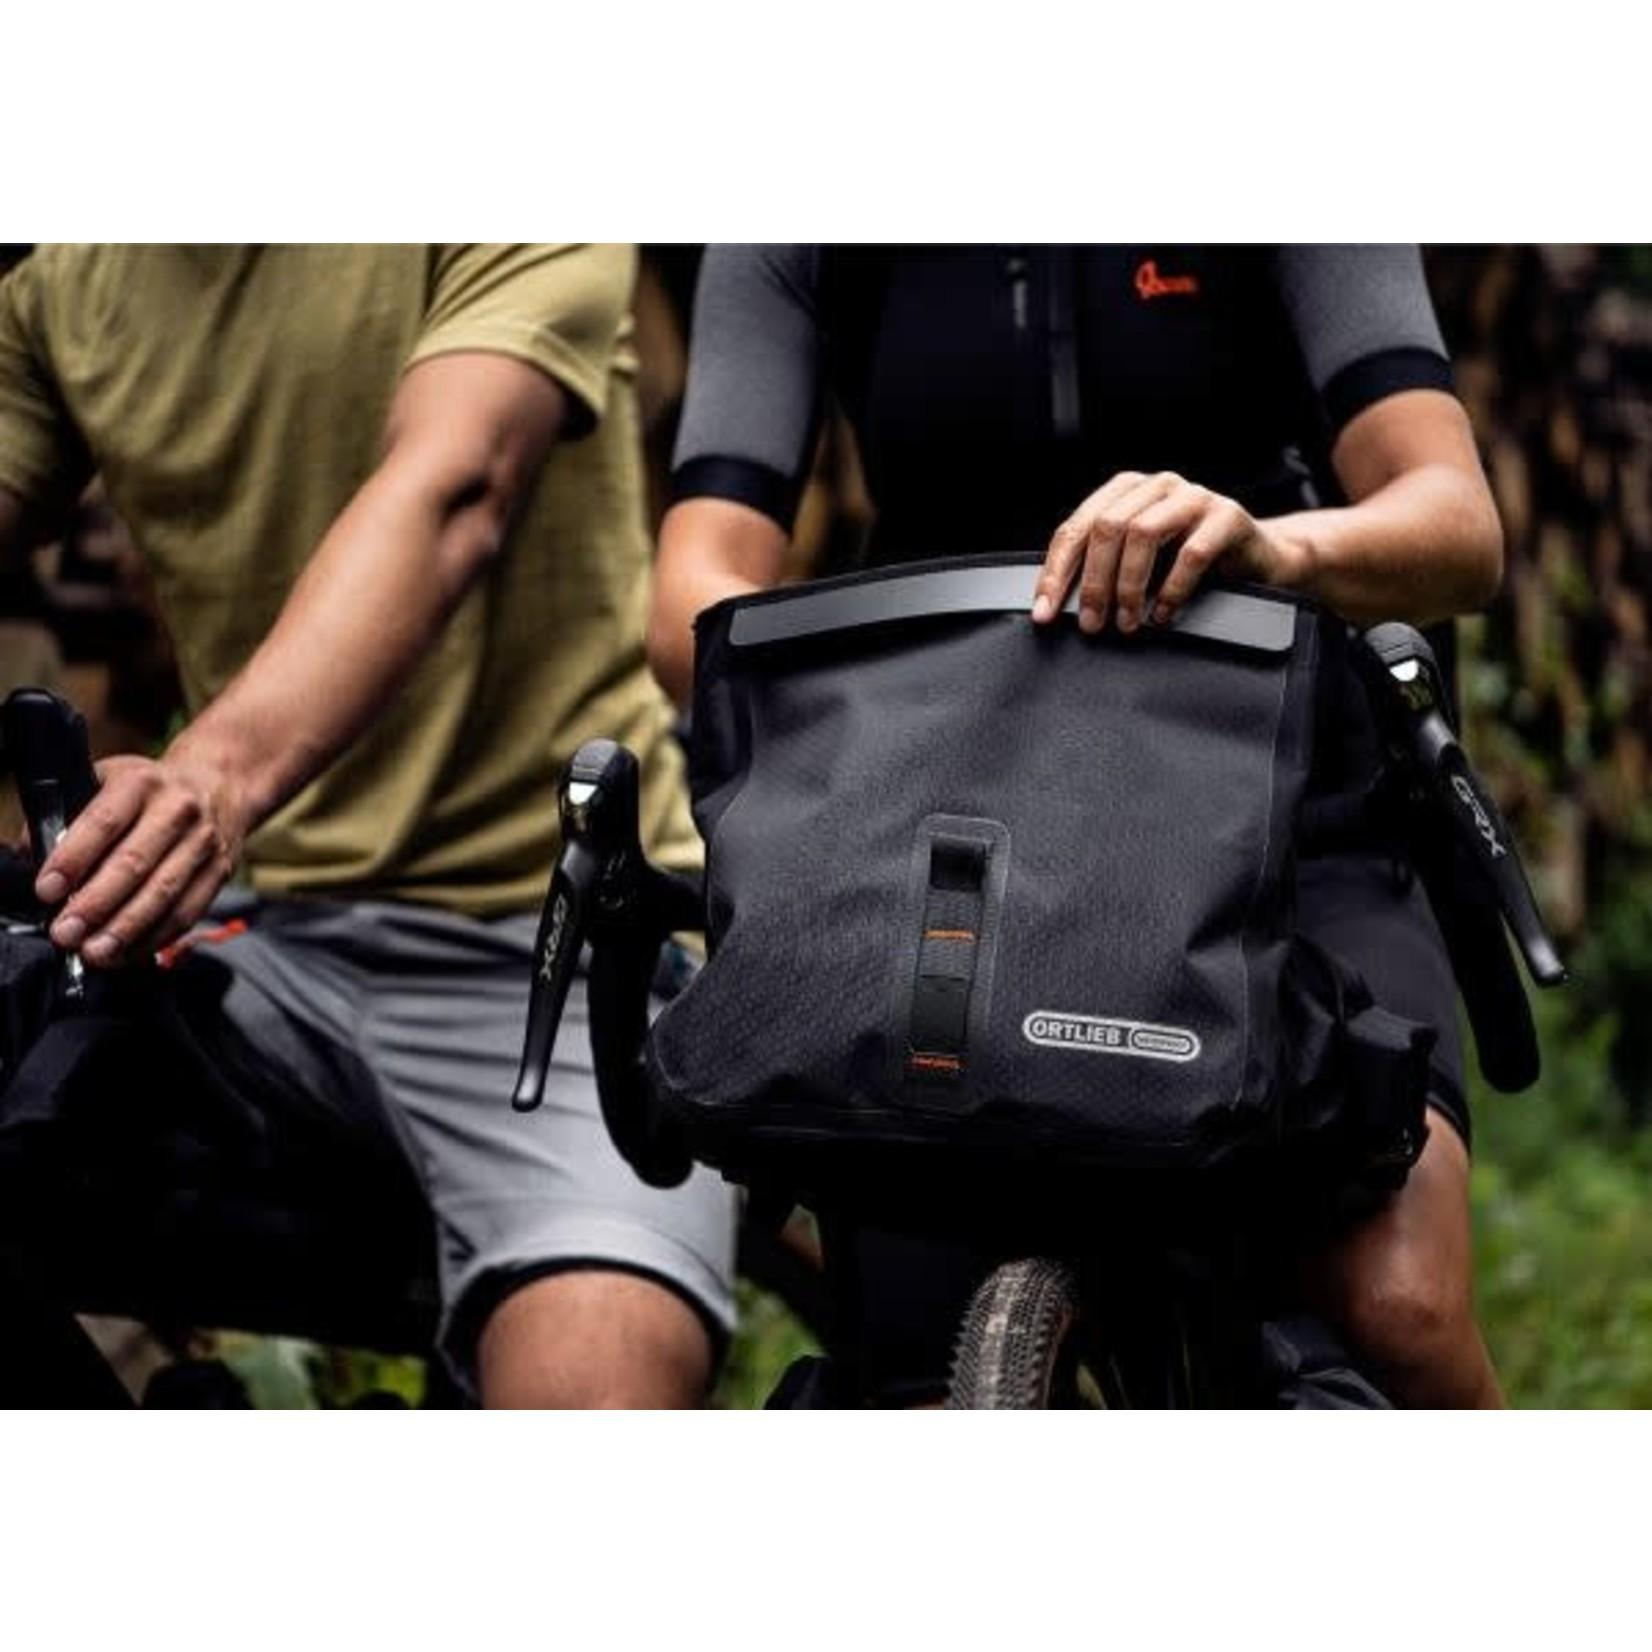 Ortlieb Bike Pack Ortlieb Accessory-Pack 3.5 L black-matt